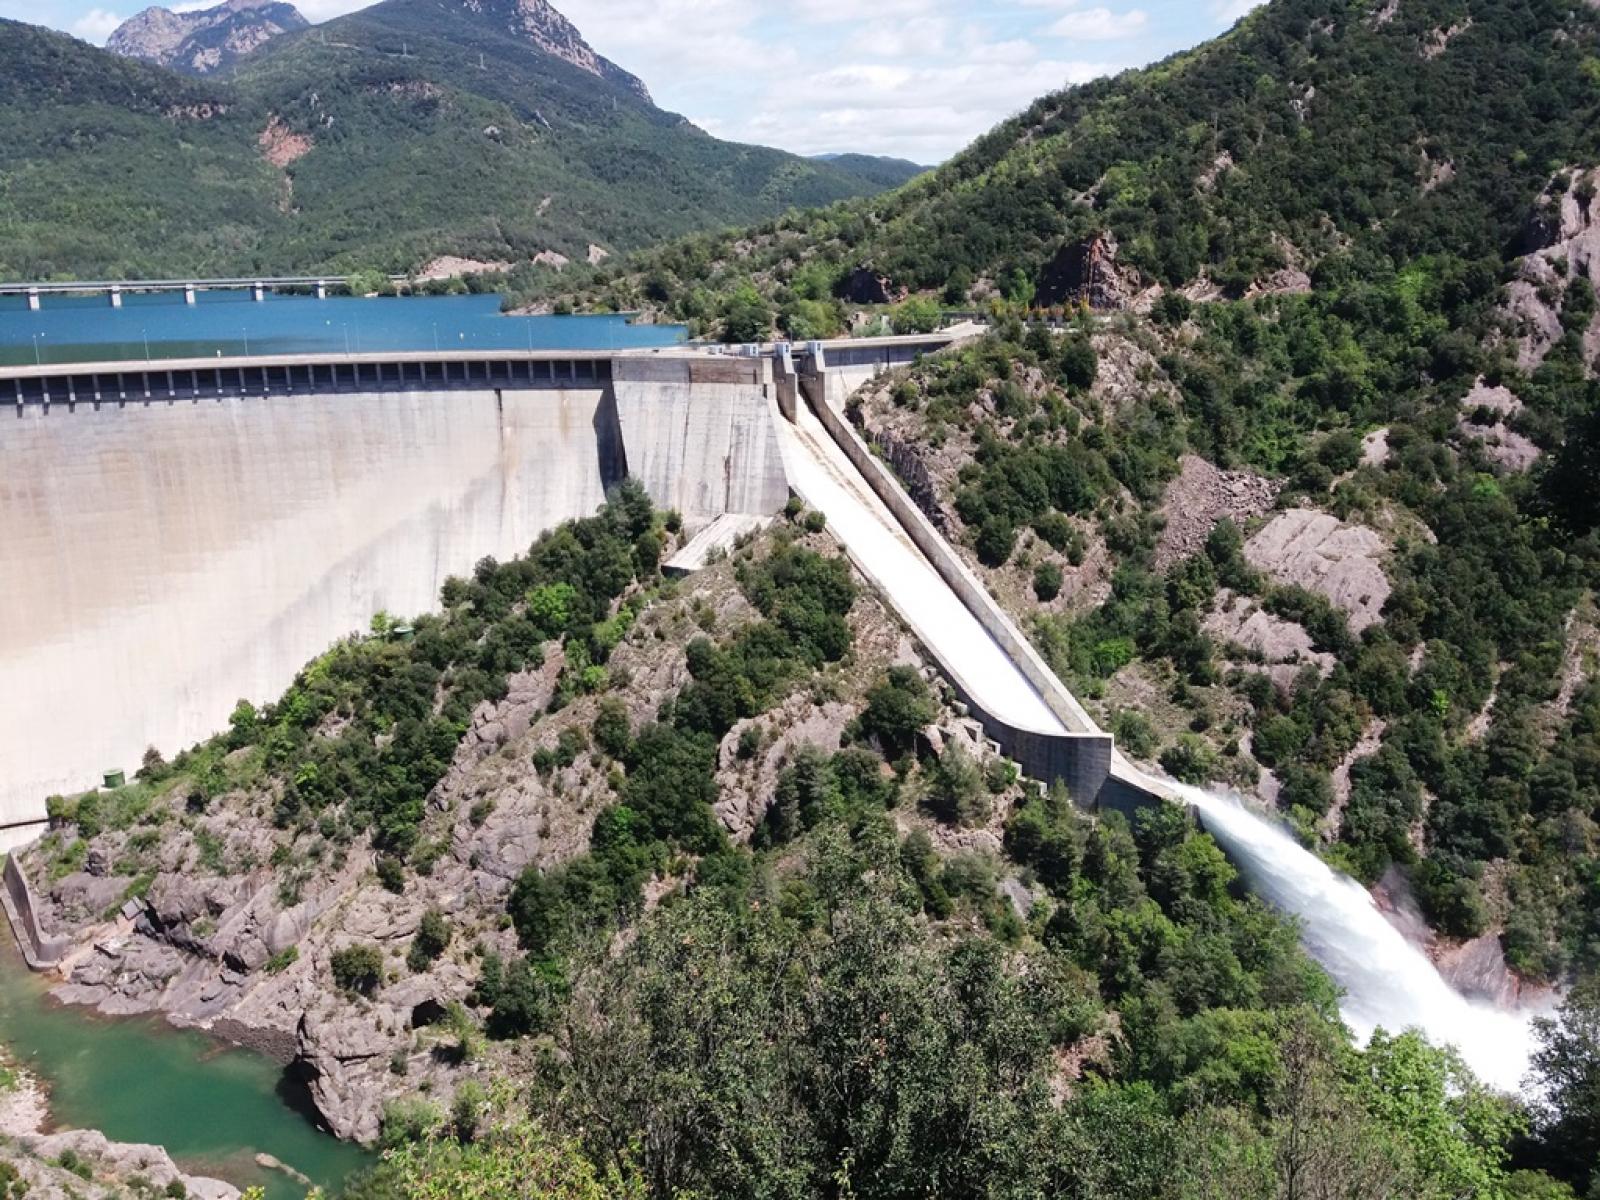 La presa de la Baells alliberant 42m3/s